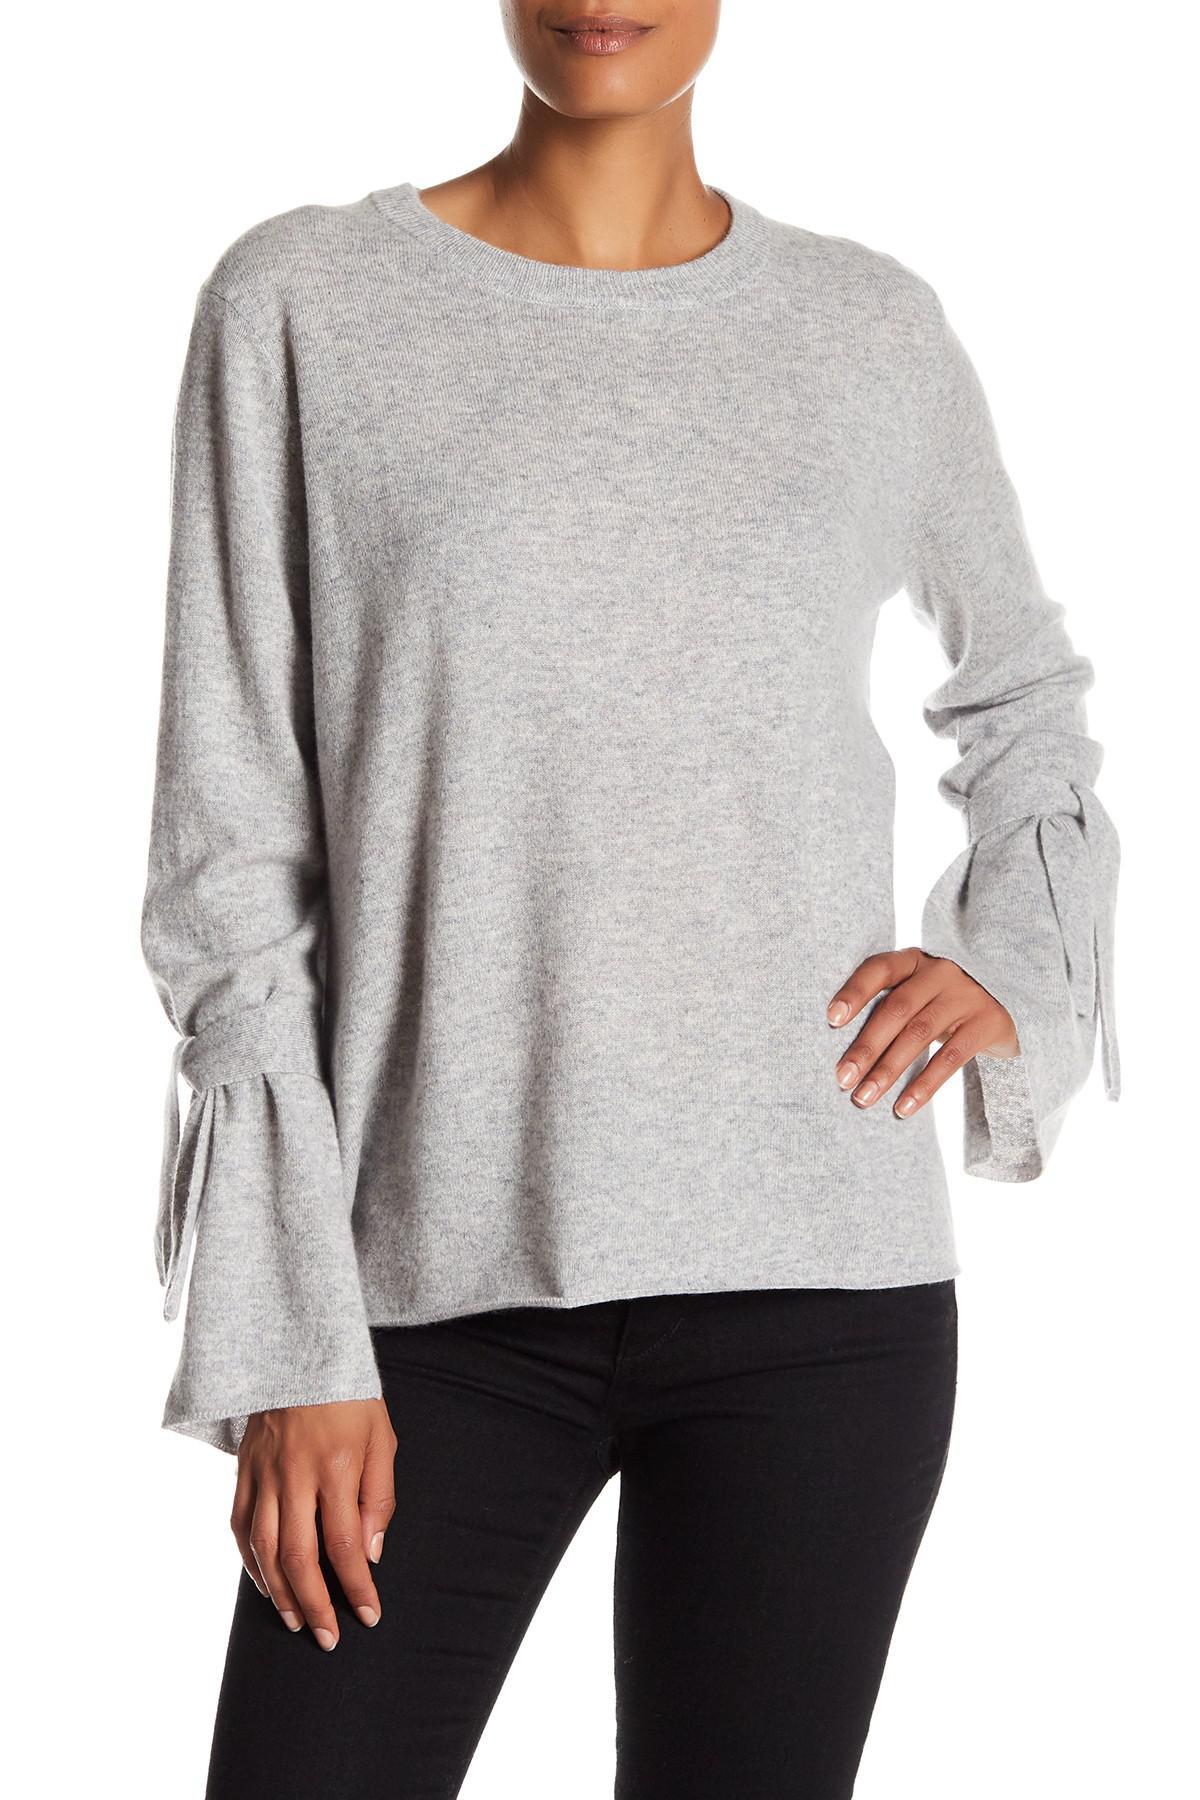 109abb16b Catherine Malandrino Crew Neck Tie Cuff Cashmere Sweater in Gray - Lyst